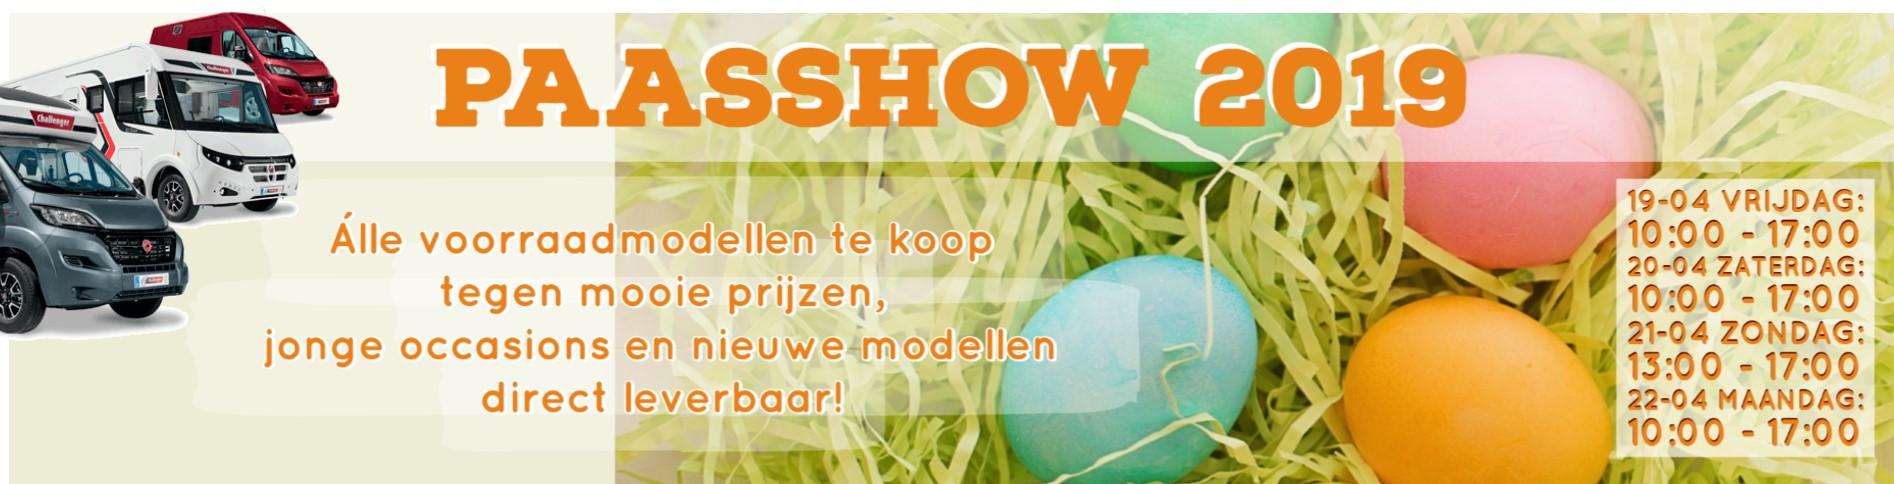 Paasshow2019 4